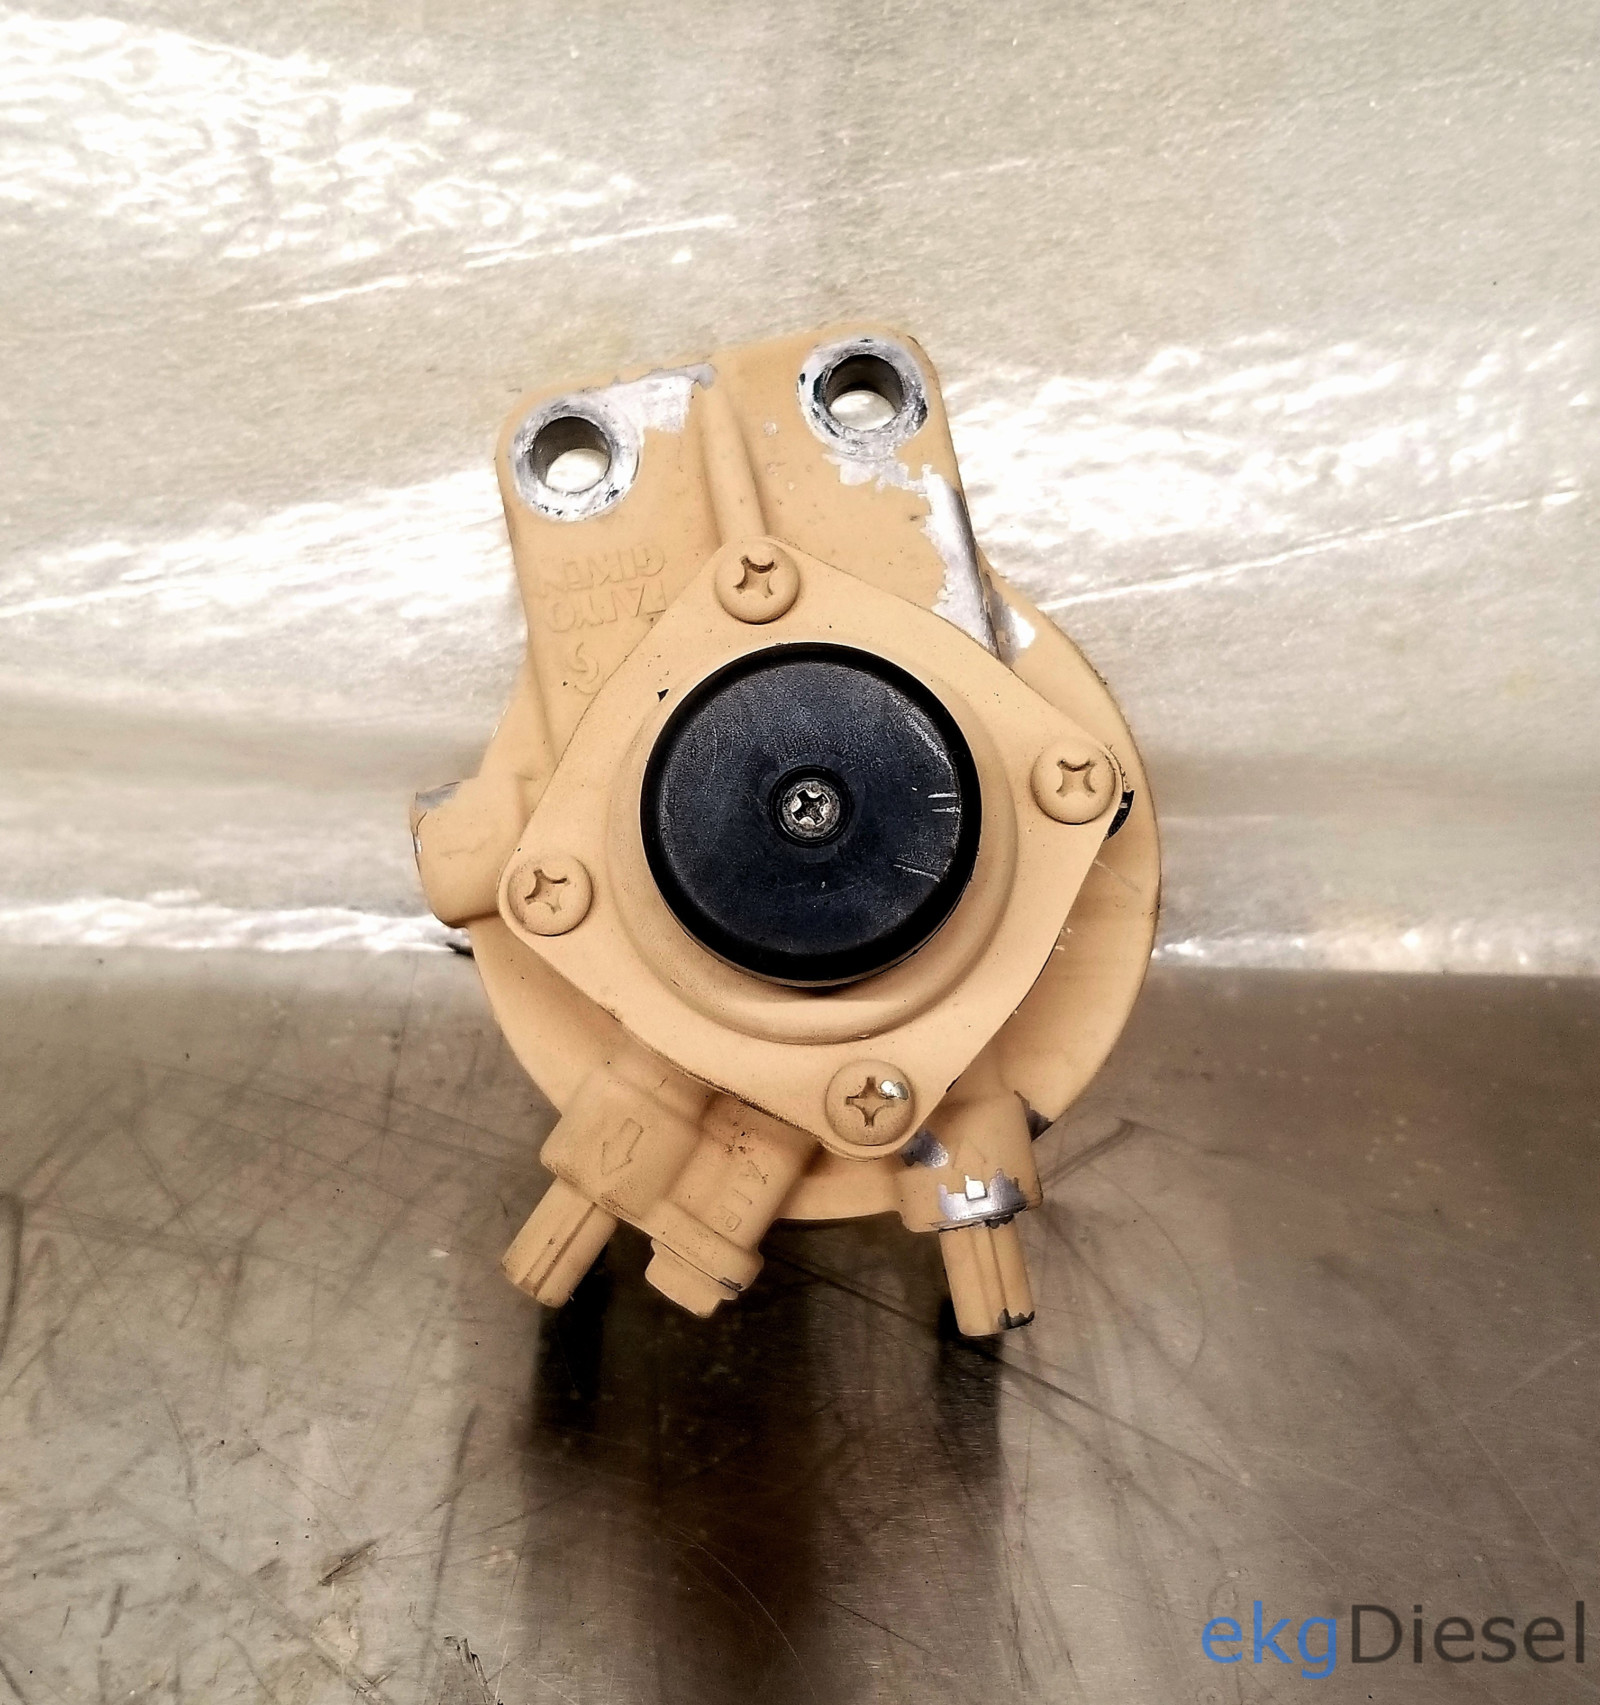 Kubota V3300 Fuel Filter Base Primer Pump Ekg Diesel Location